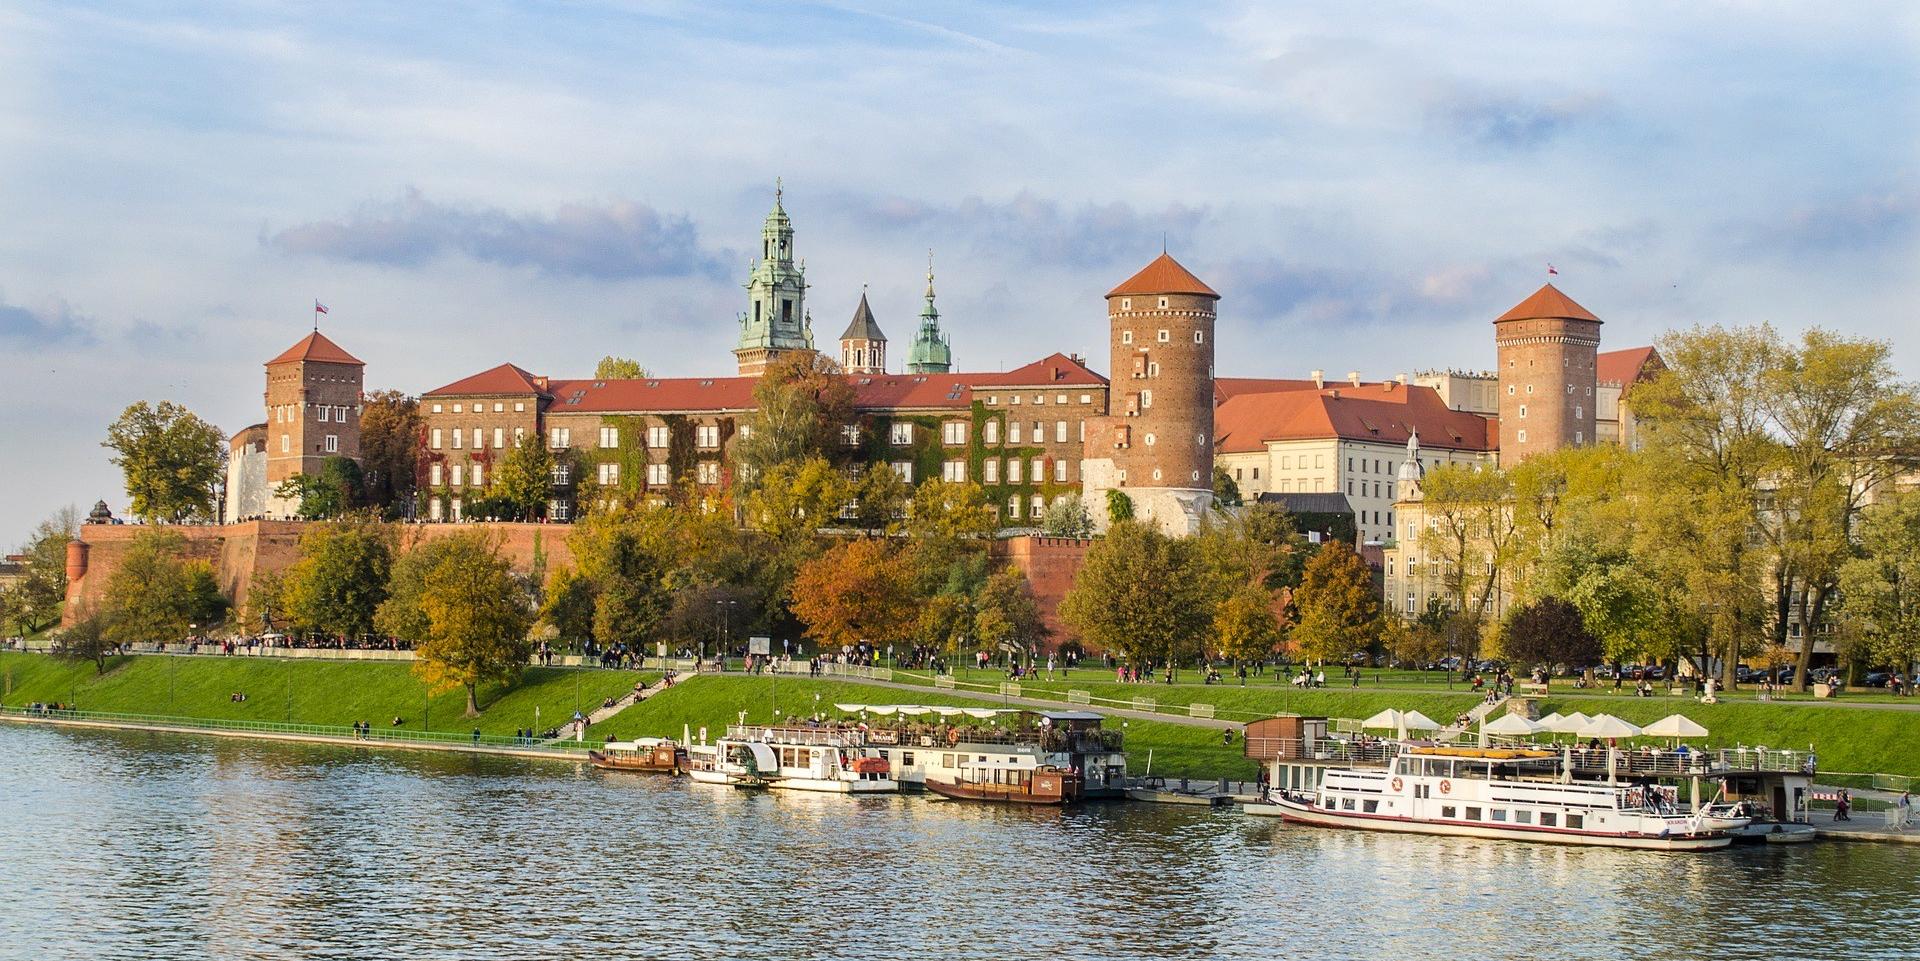 krakow-2893783_1920.jpg